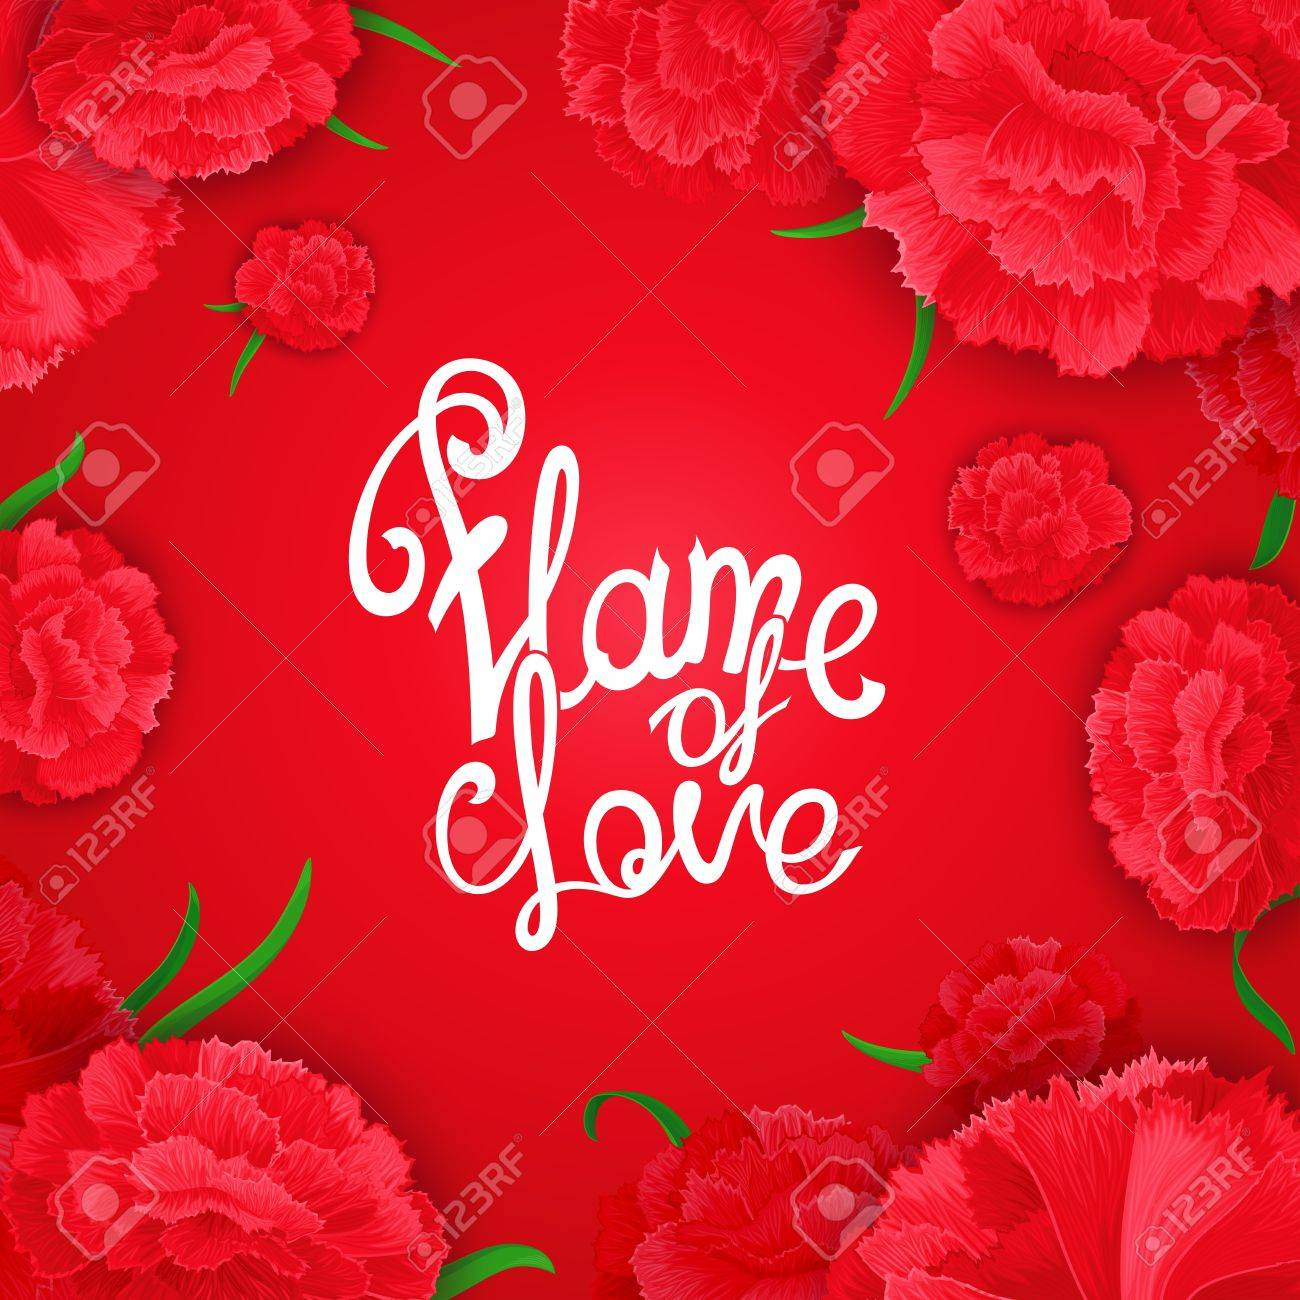 Llama De Amor Vector Cita Caligrafía Fondo Con Las Flores De Clavel Brotes Y Una Frase En El Medio